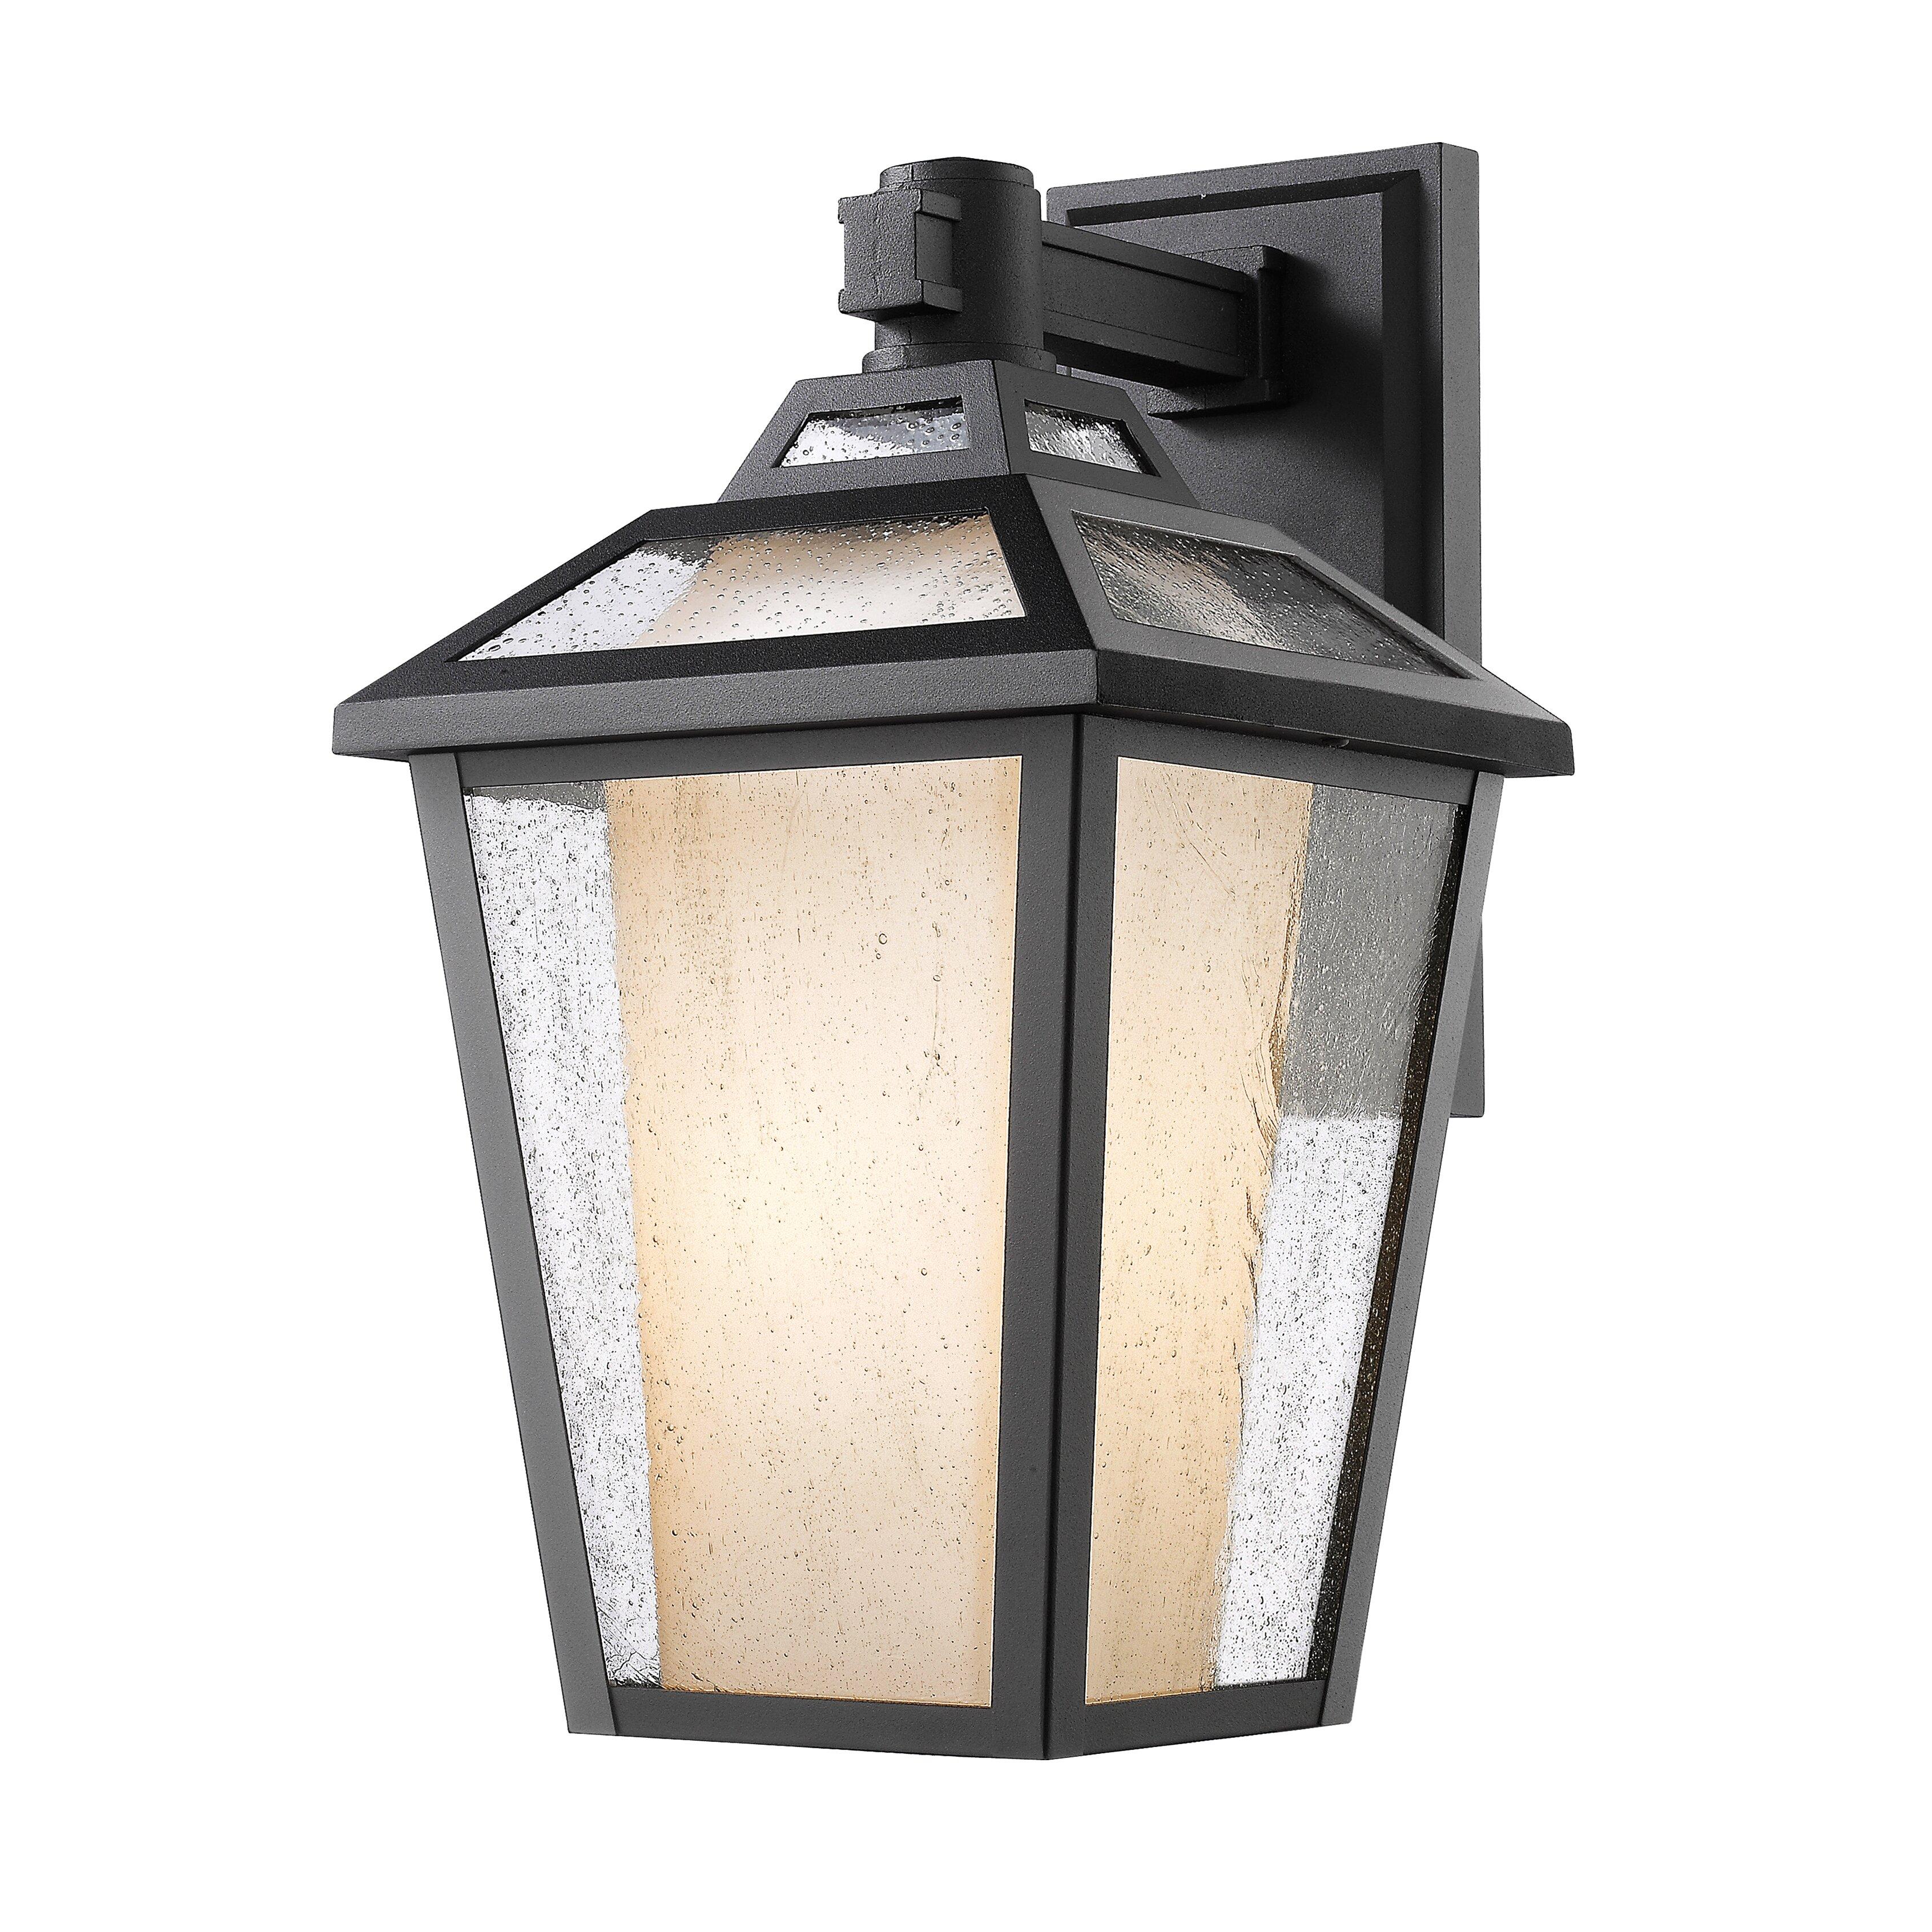 Memphis 1 Light Outdoor Wall Lantern